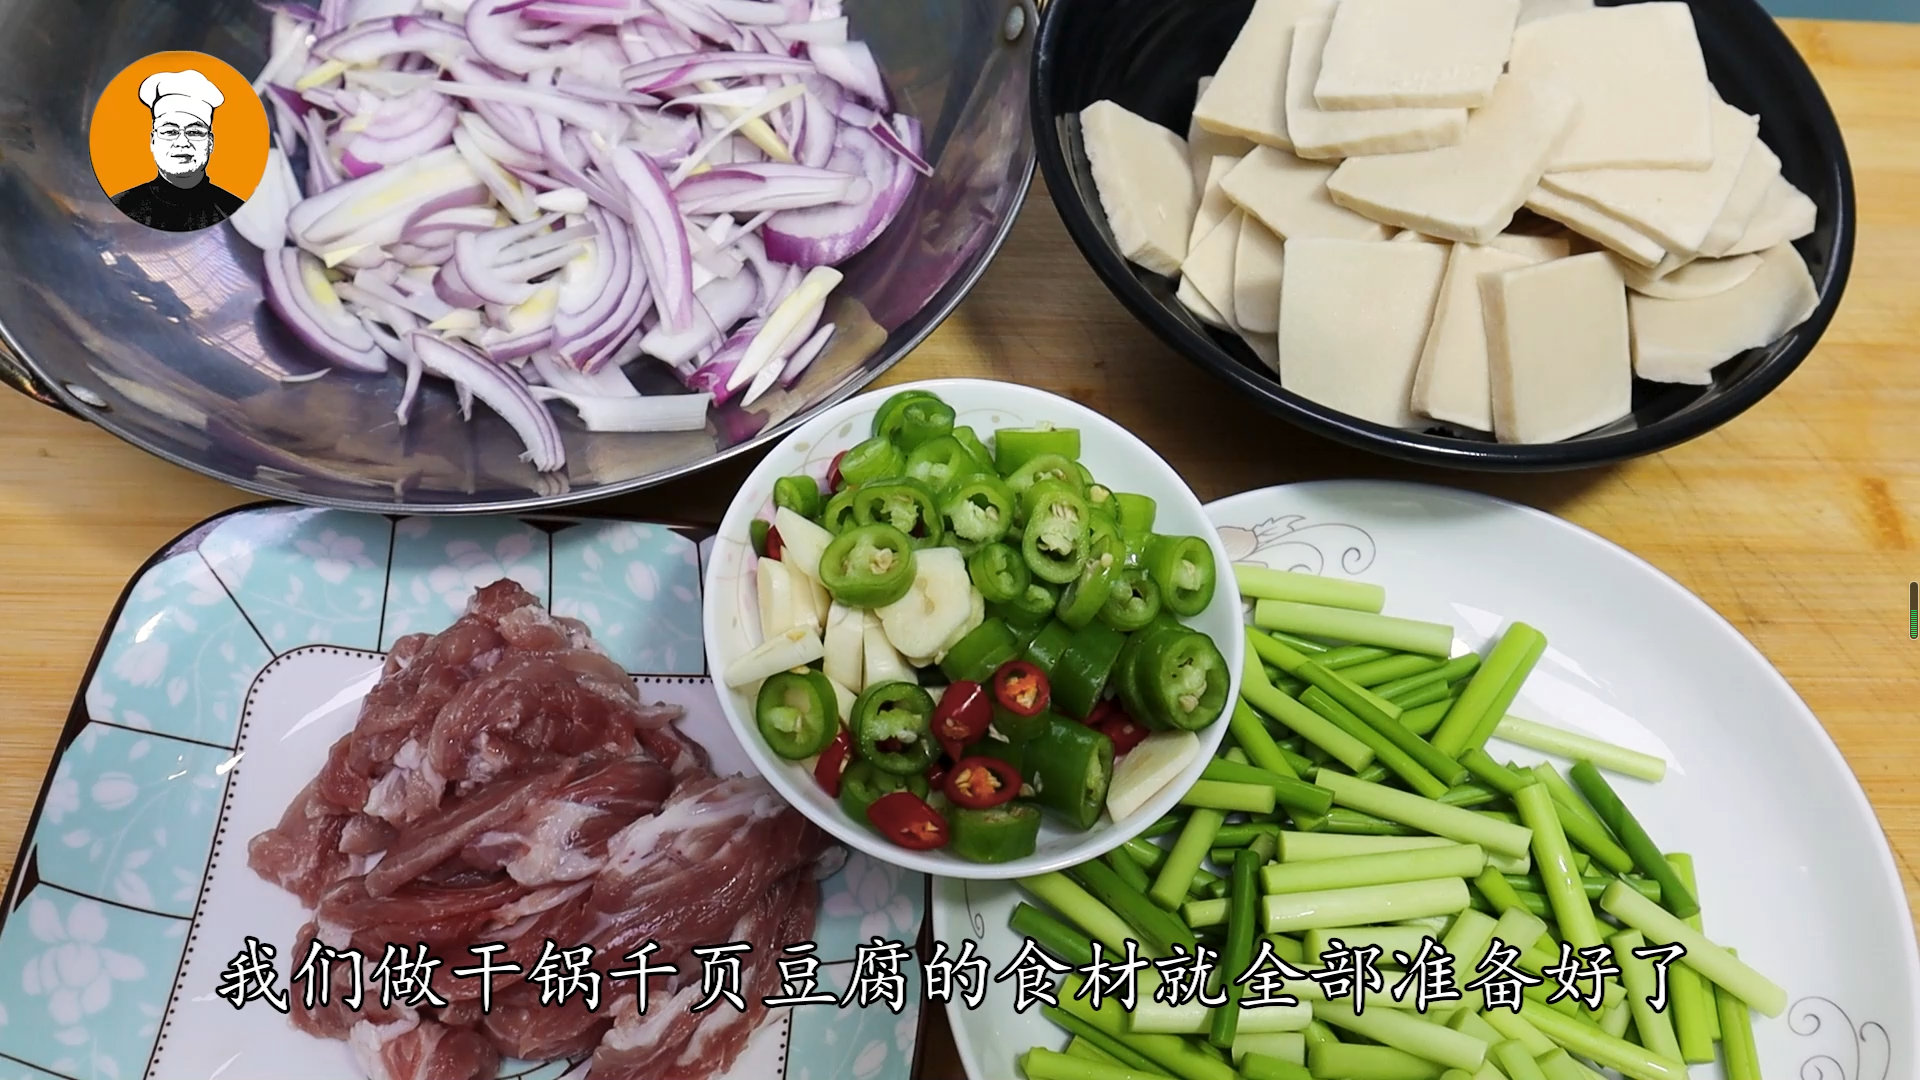 饭店卖38一份的干锅千页豆腐,大厨教你在家10块钱搞定,太简单了 美食做法 第4张